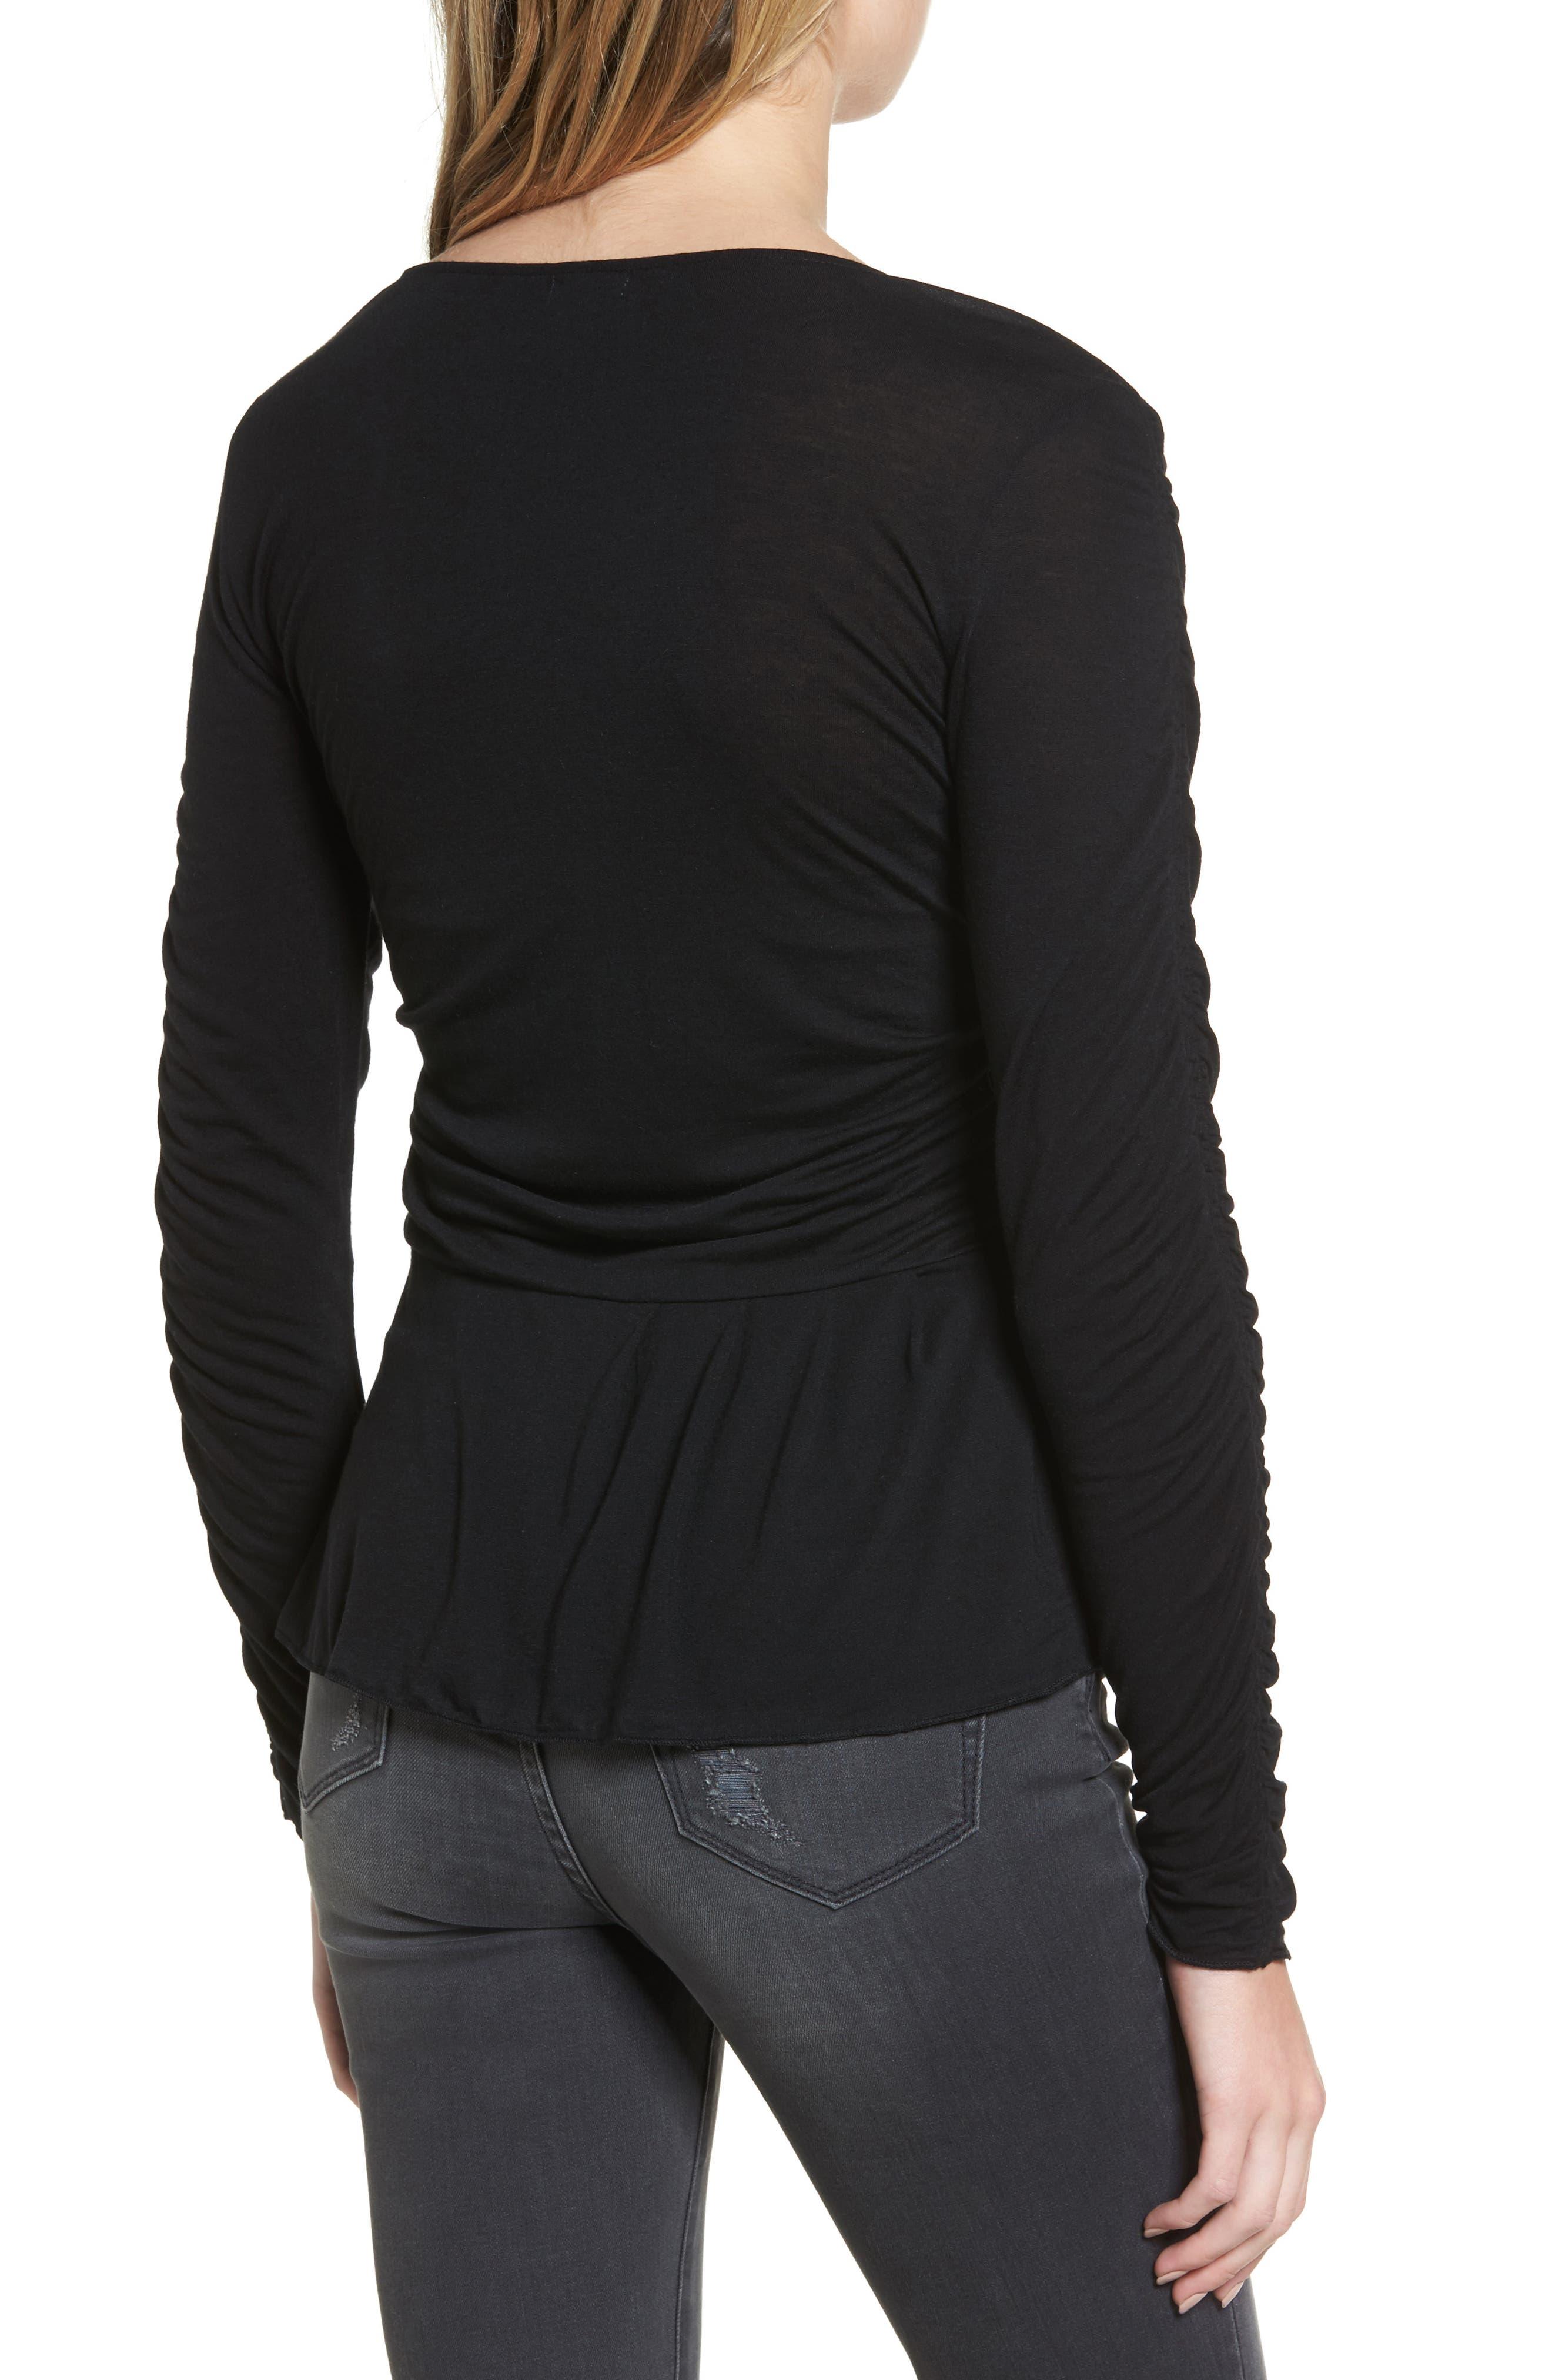 Alternate Image 2  - Hinge Draped Jersey Top